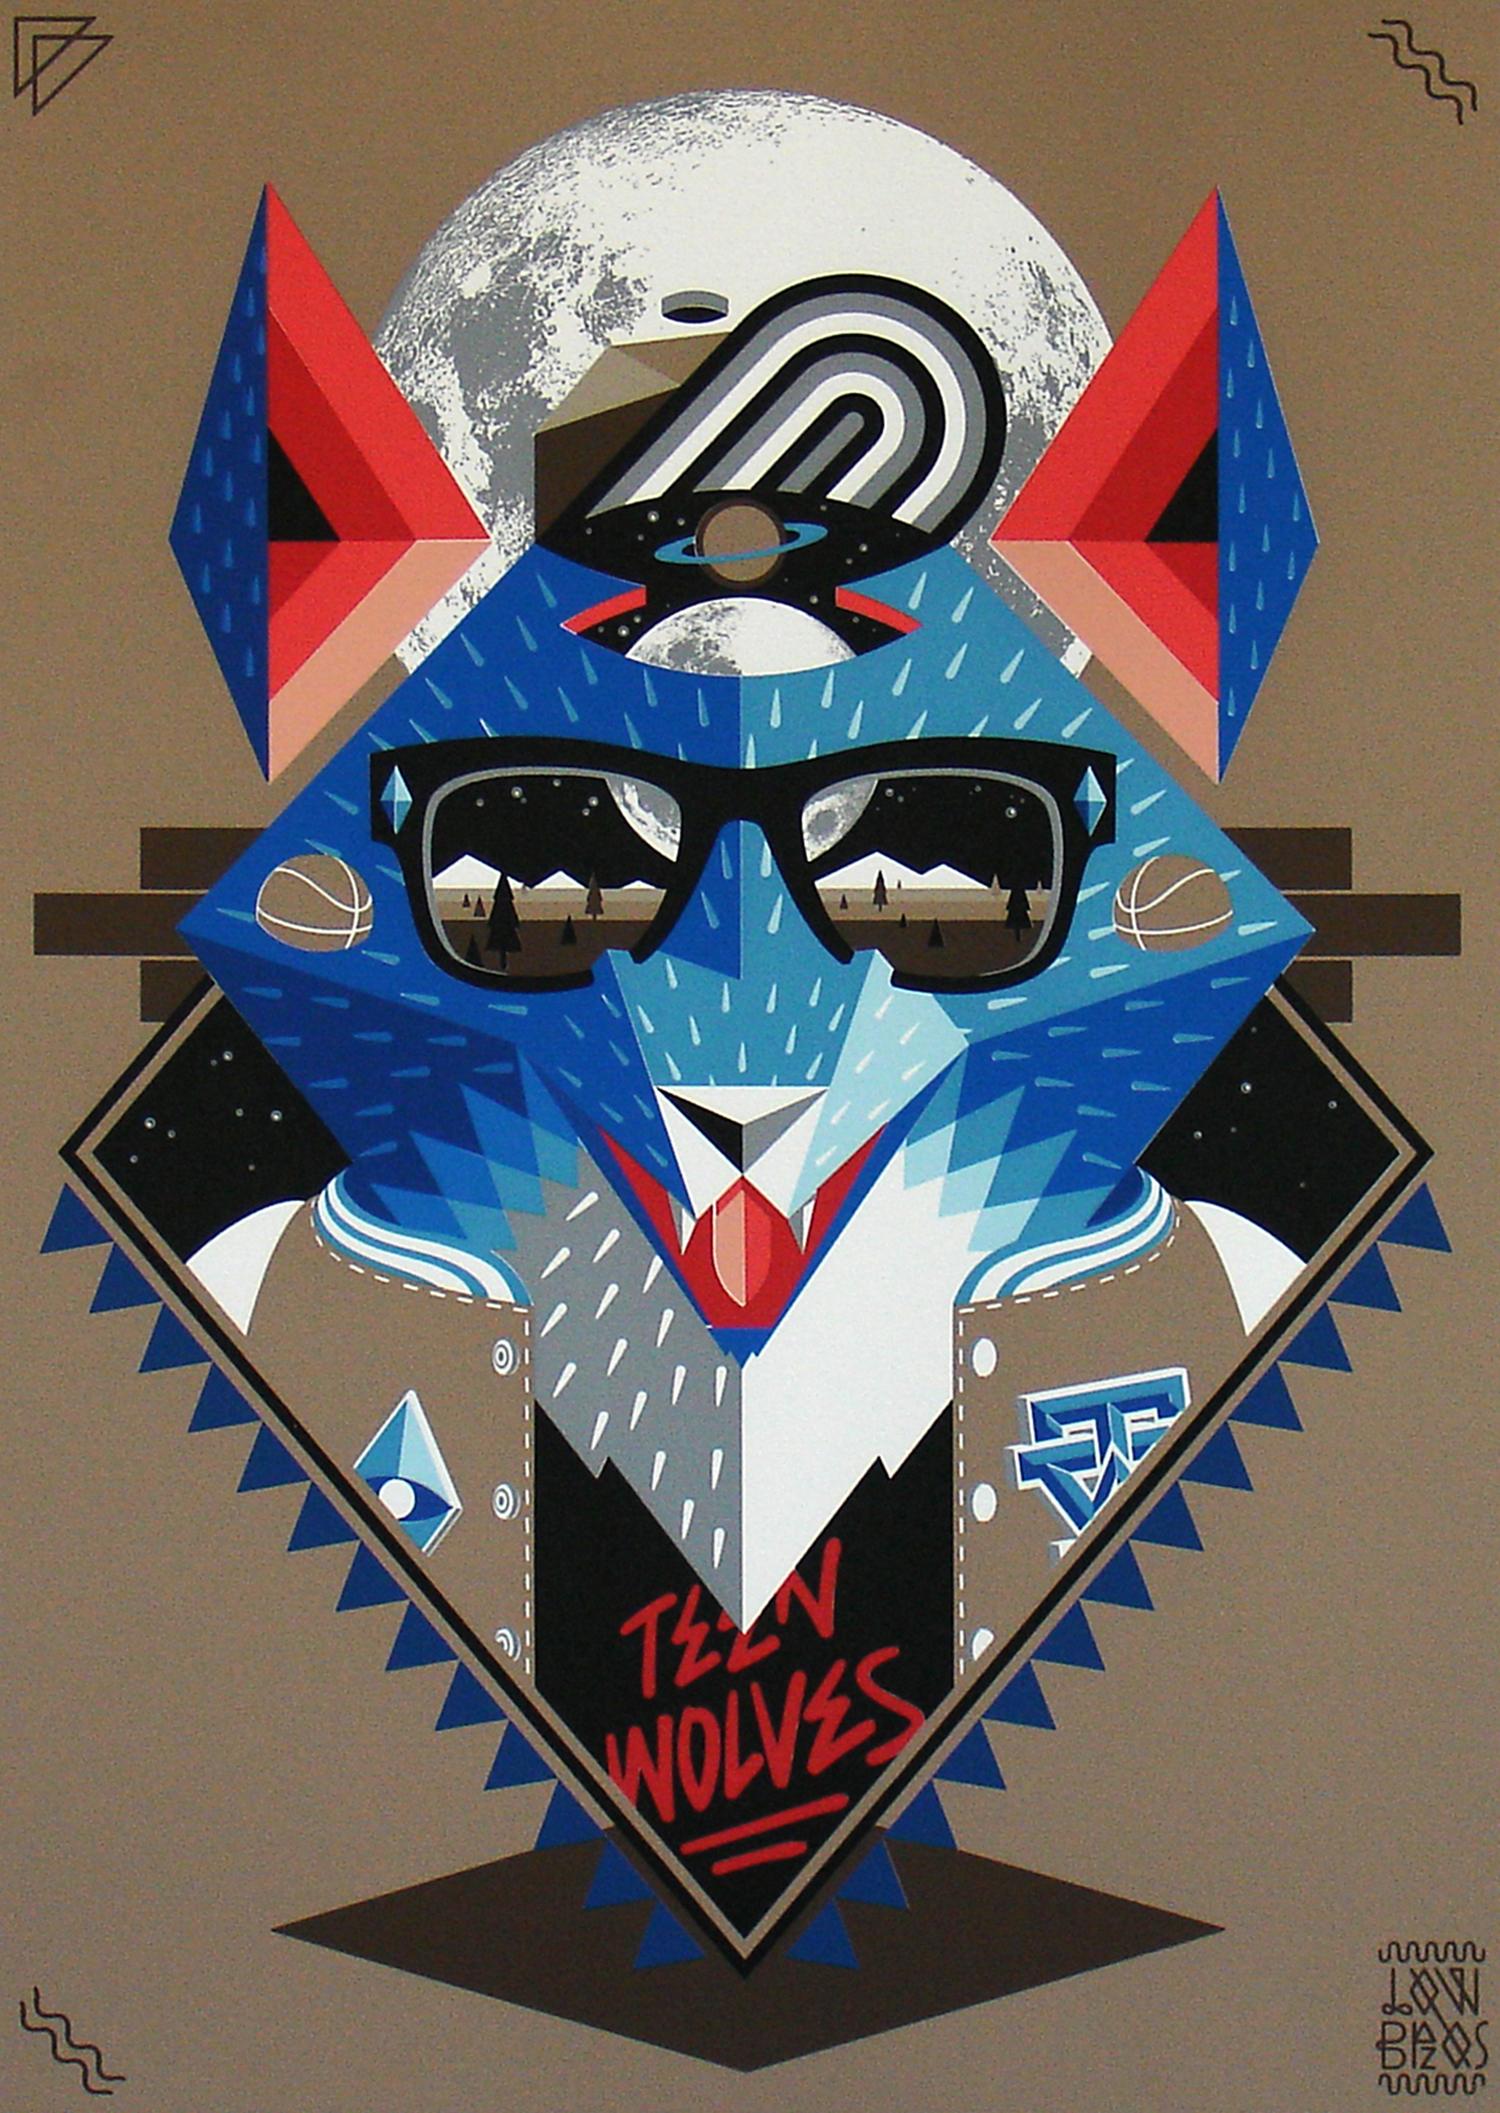 Low Bros, Steppenwolf      P.O.A.